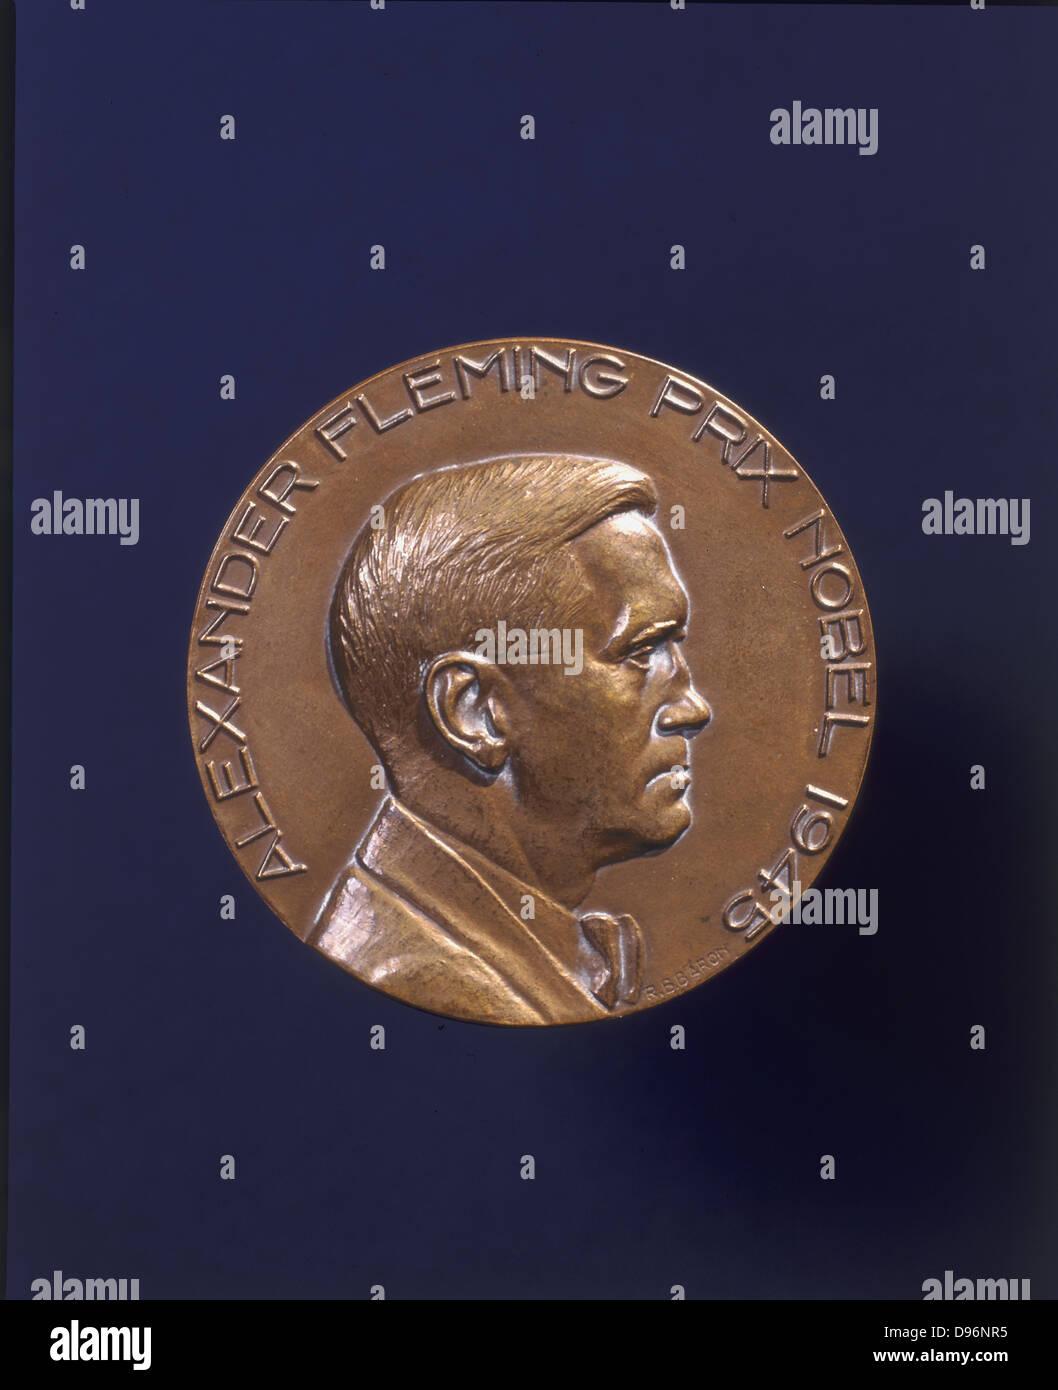 Alexander Fleming (1881-1955) bactériologiste écossais qui a découvert la pénicilline en 1928. Photo Stock